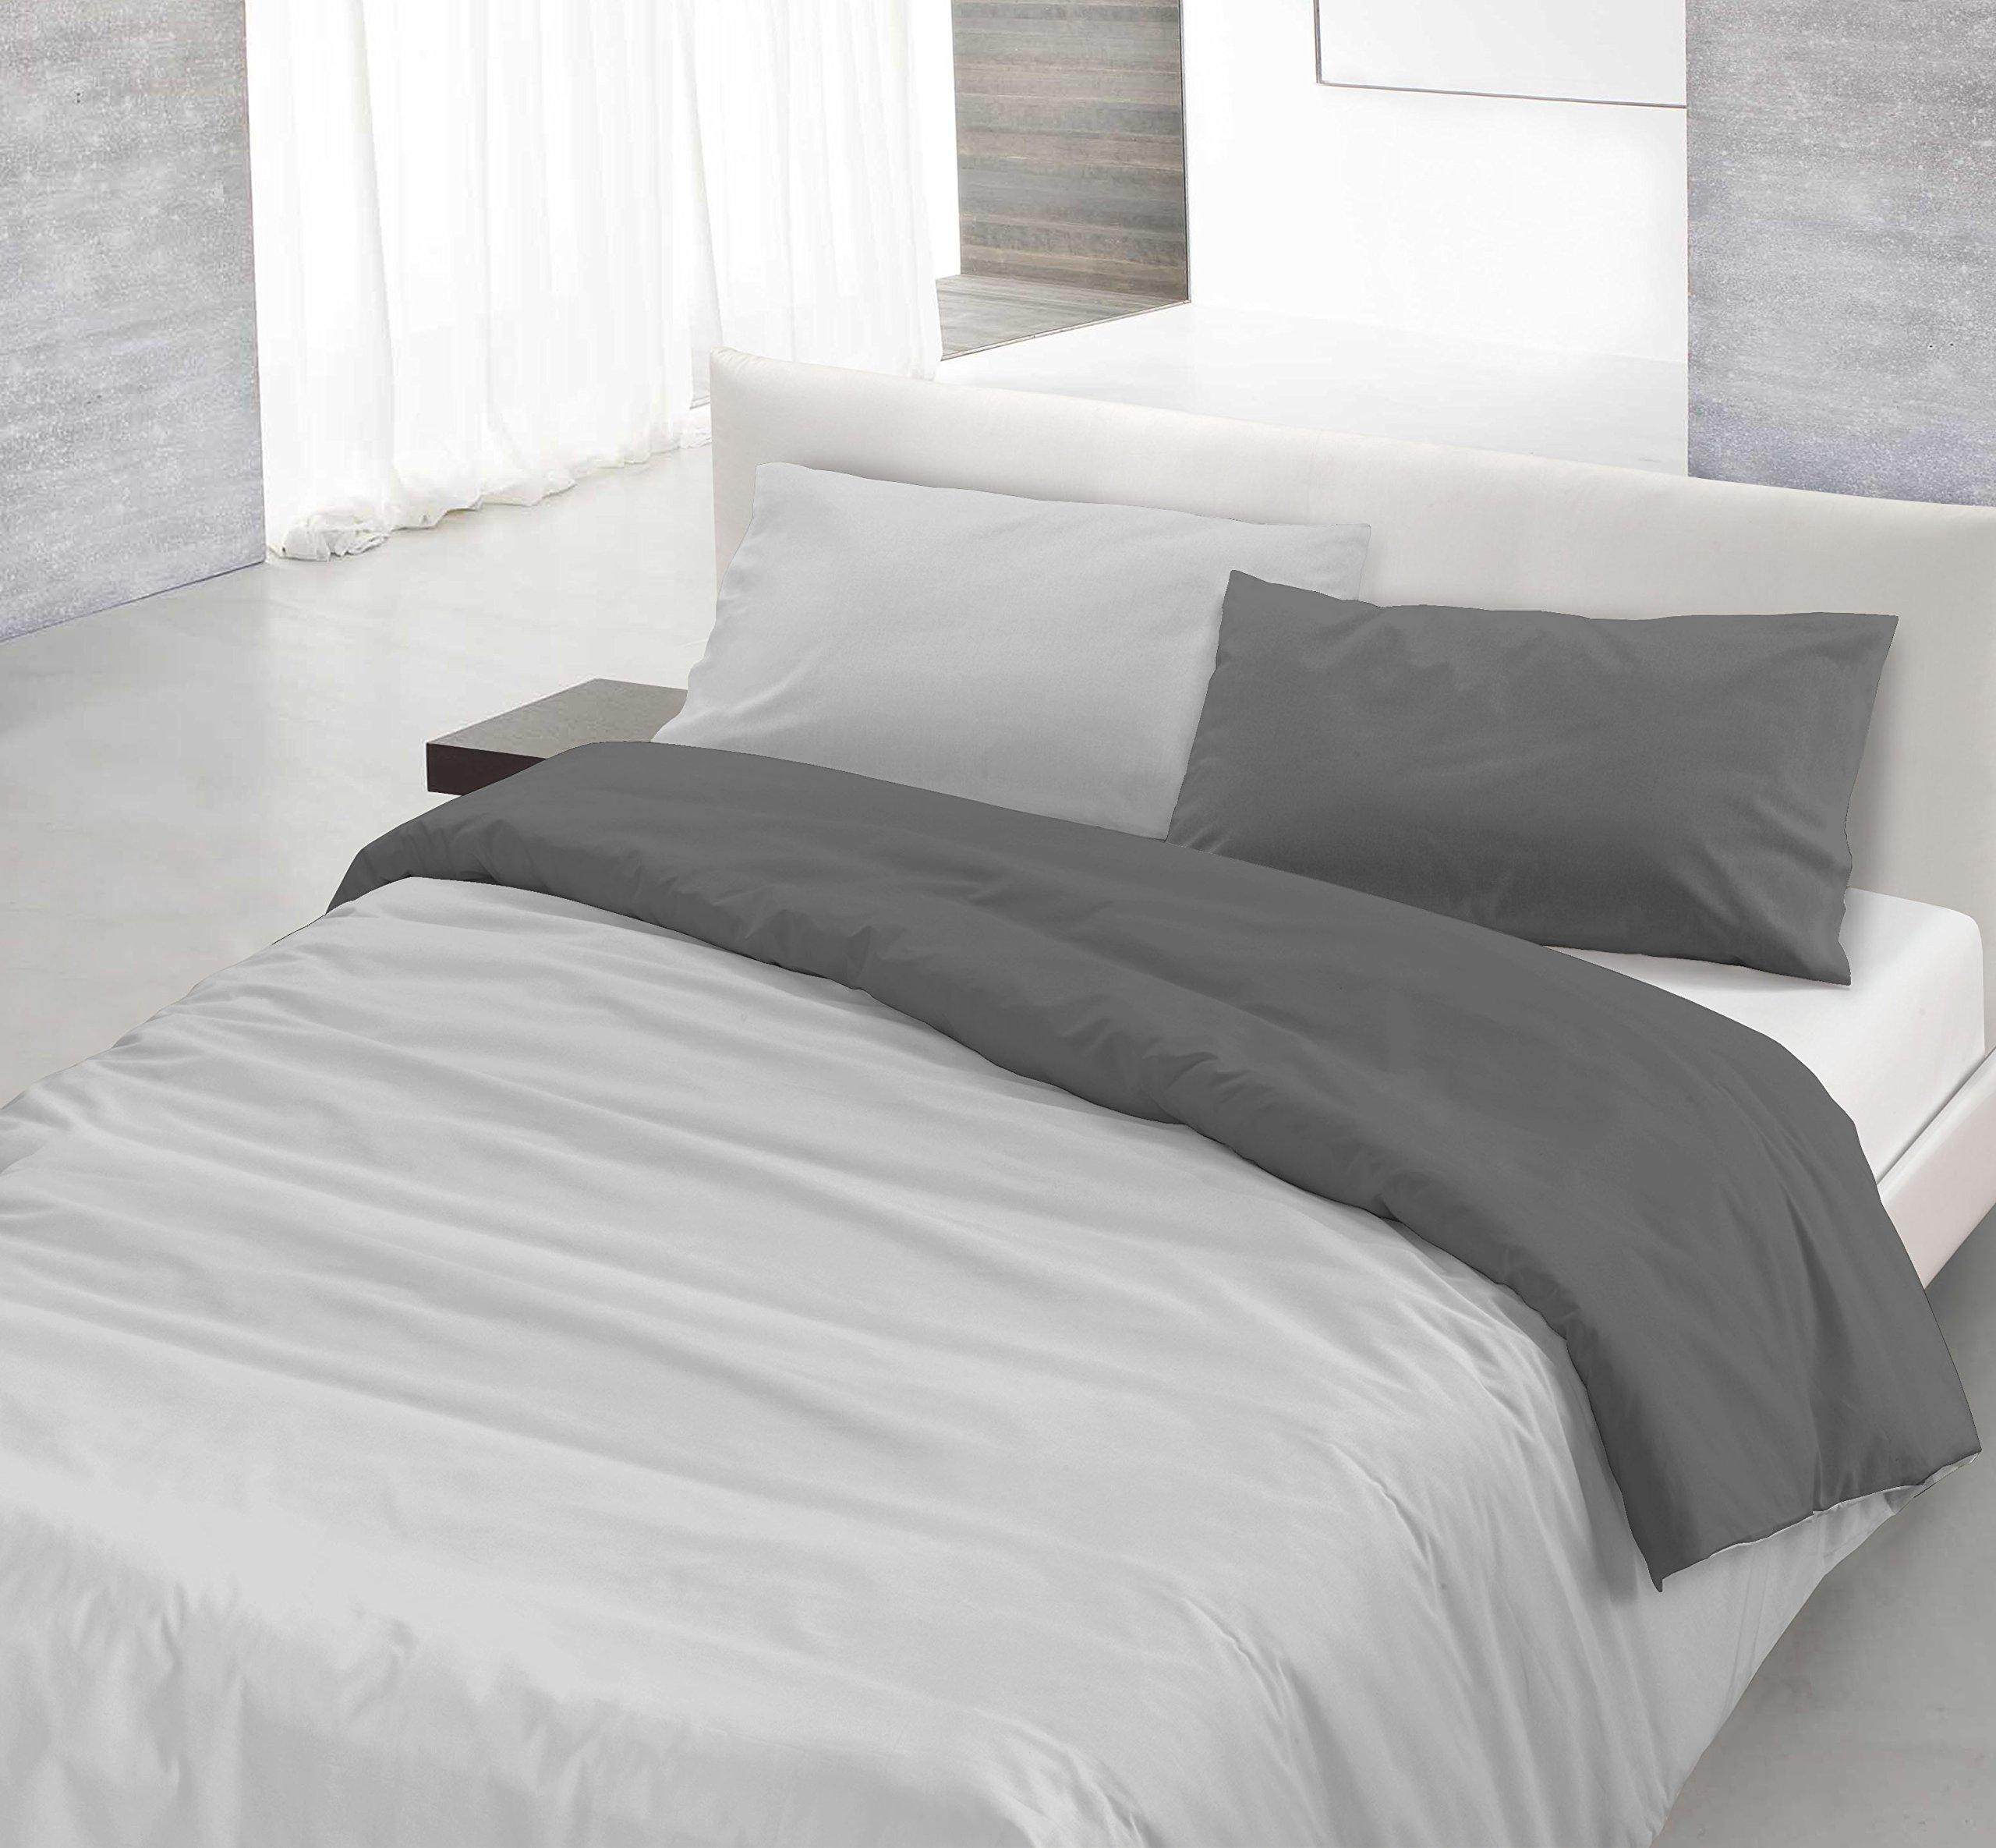 Copripiumino Natura.Italian Bed Linen Natural Color Parure Copripiumino Con Sacco E